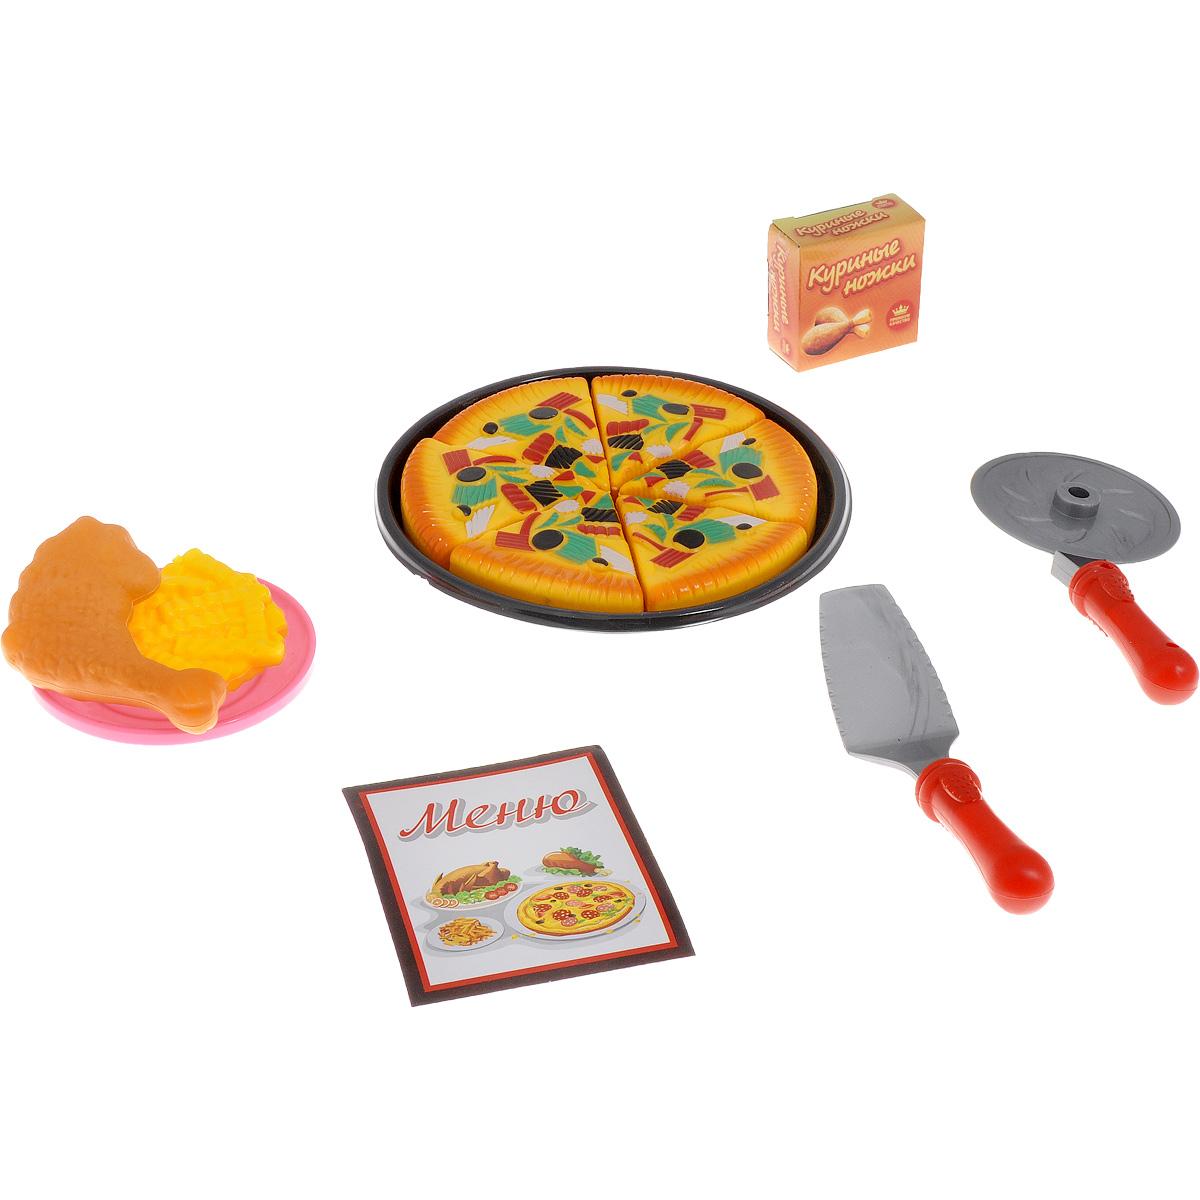 Фото - Набор посуды для пиццы Abtoys Помогаю Маме в ассортименте (PT-00363) набор посуды для пиццы abtoys помогаю маме в ассортименте pt 00363